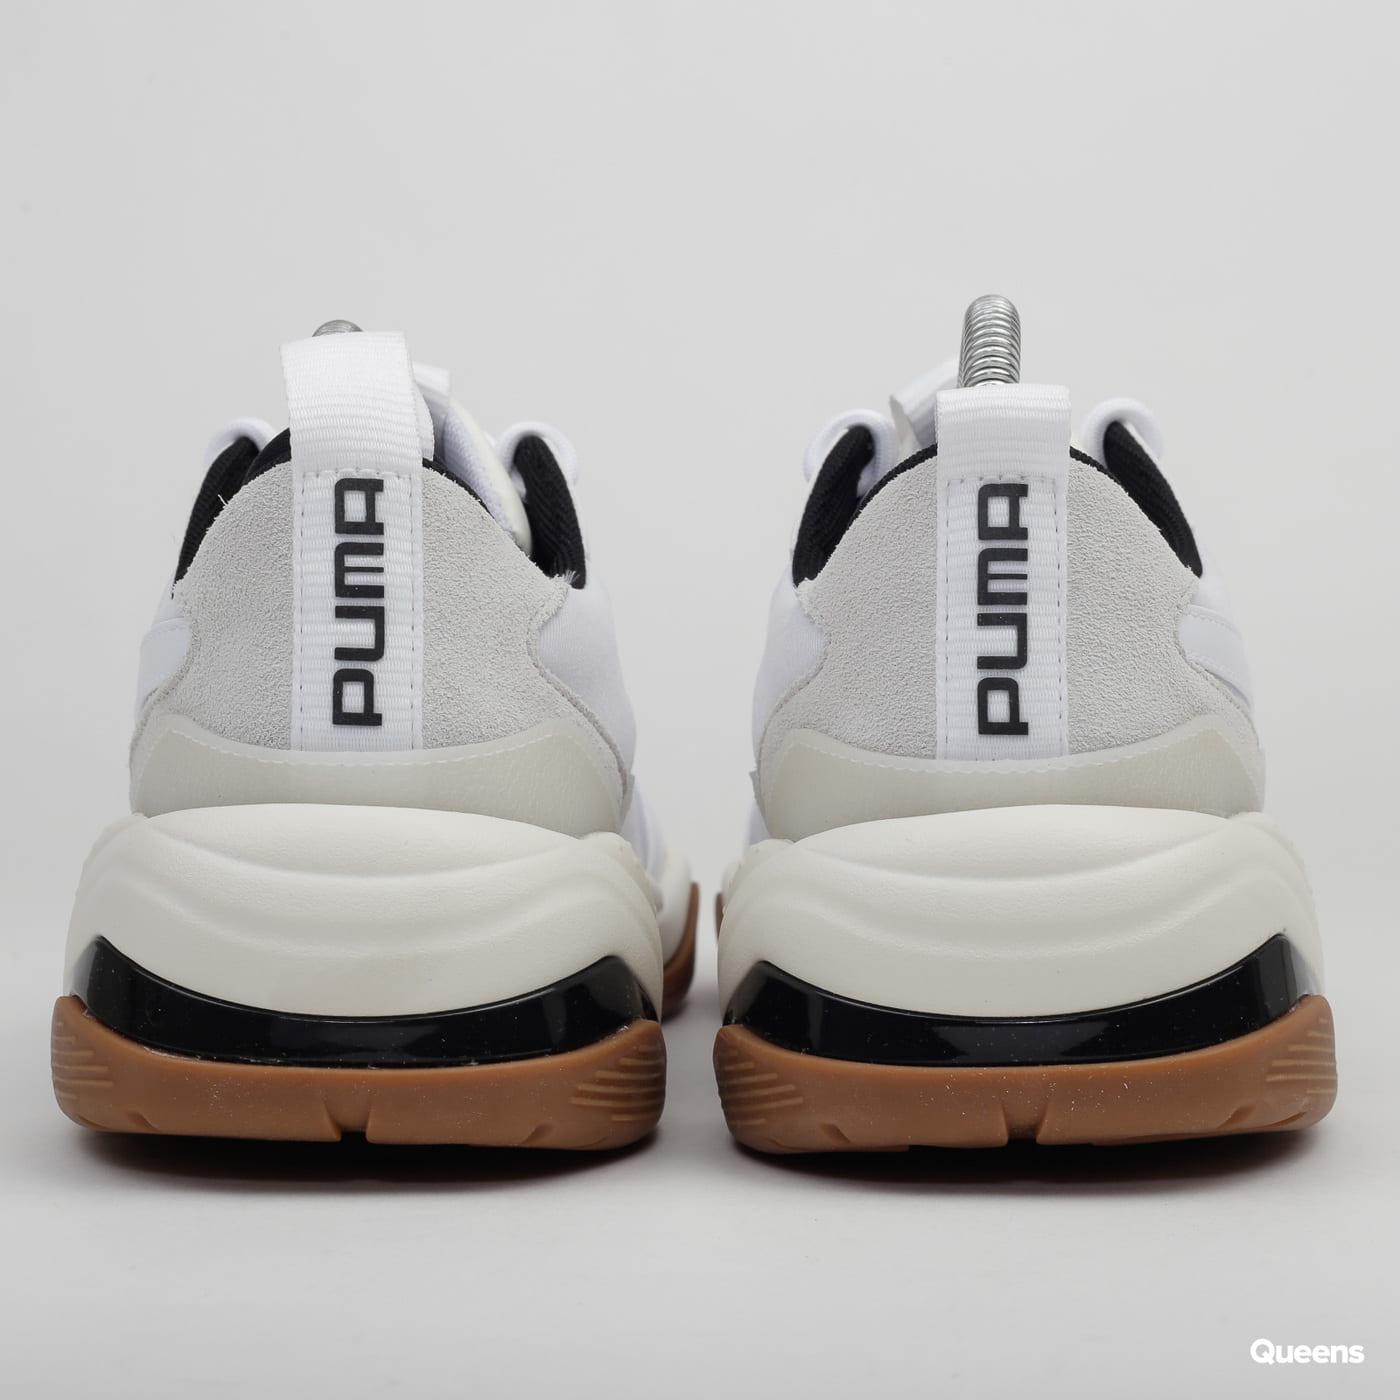 Puma Thunder Fashion 2.0 puma white - whisper white